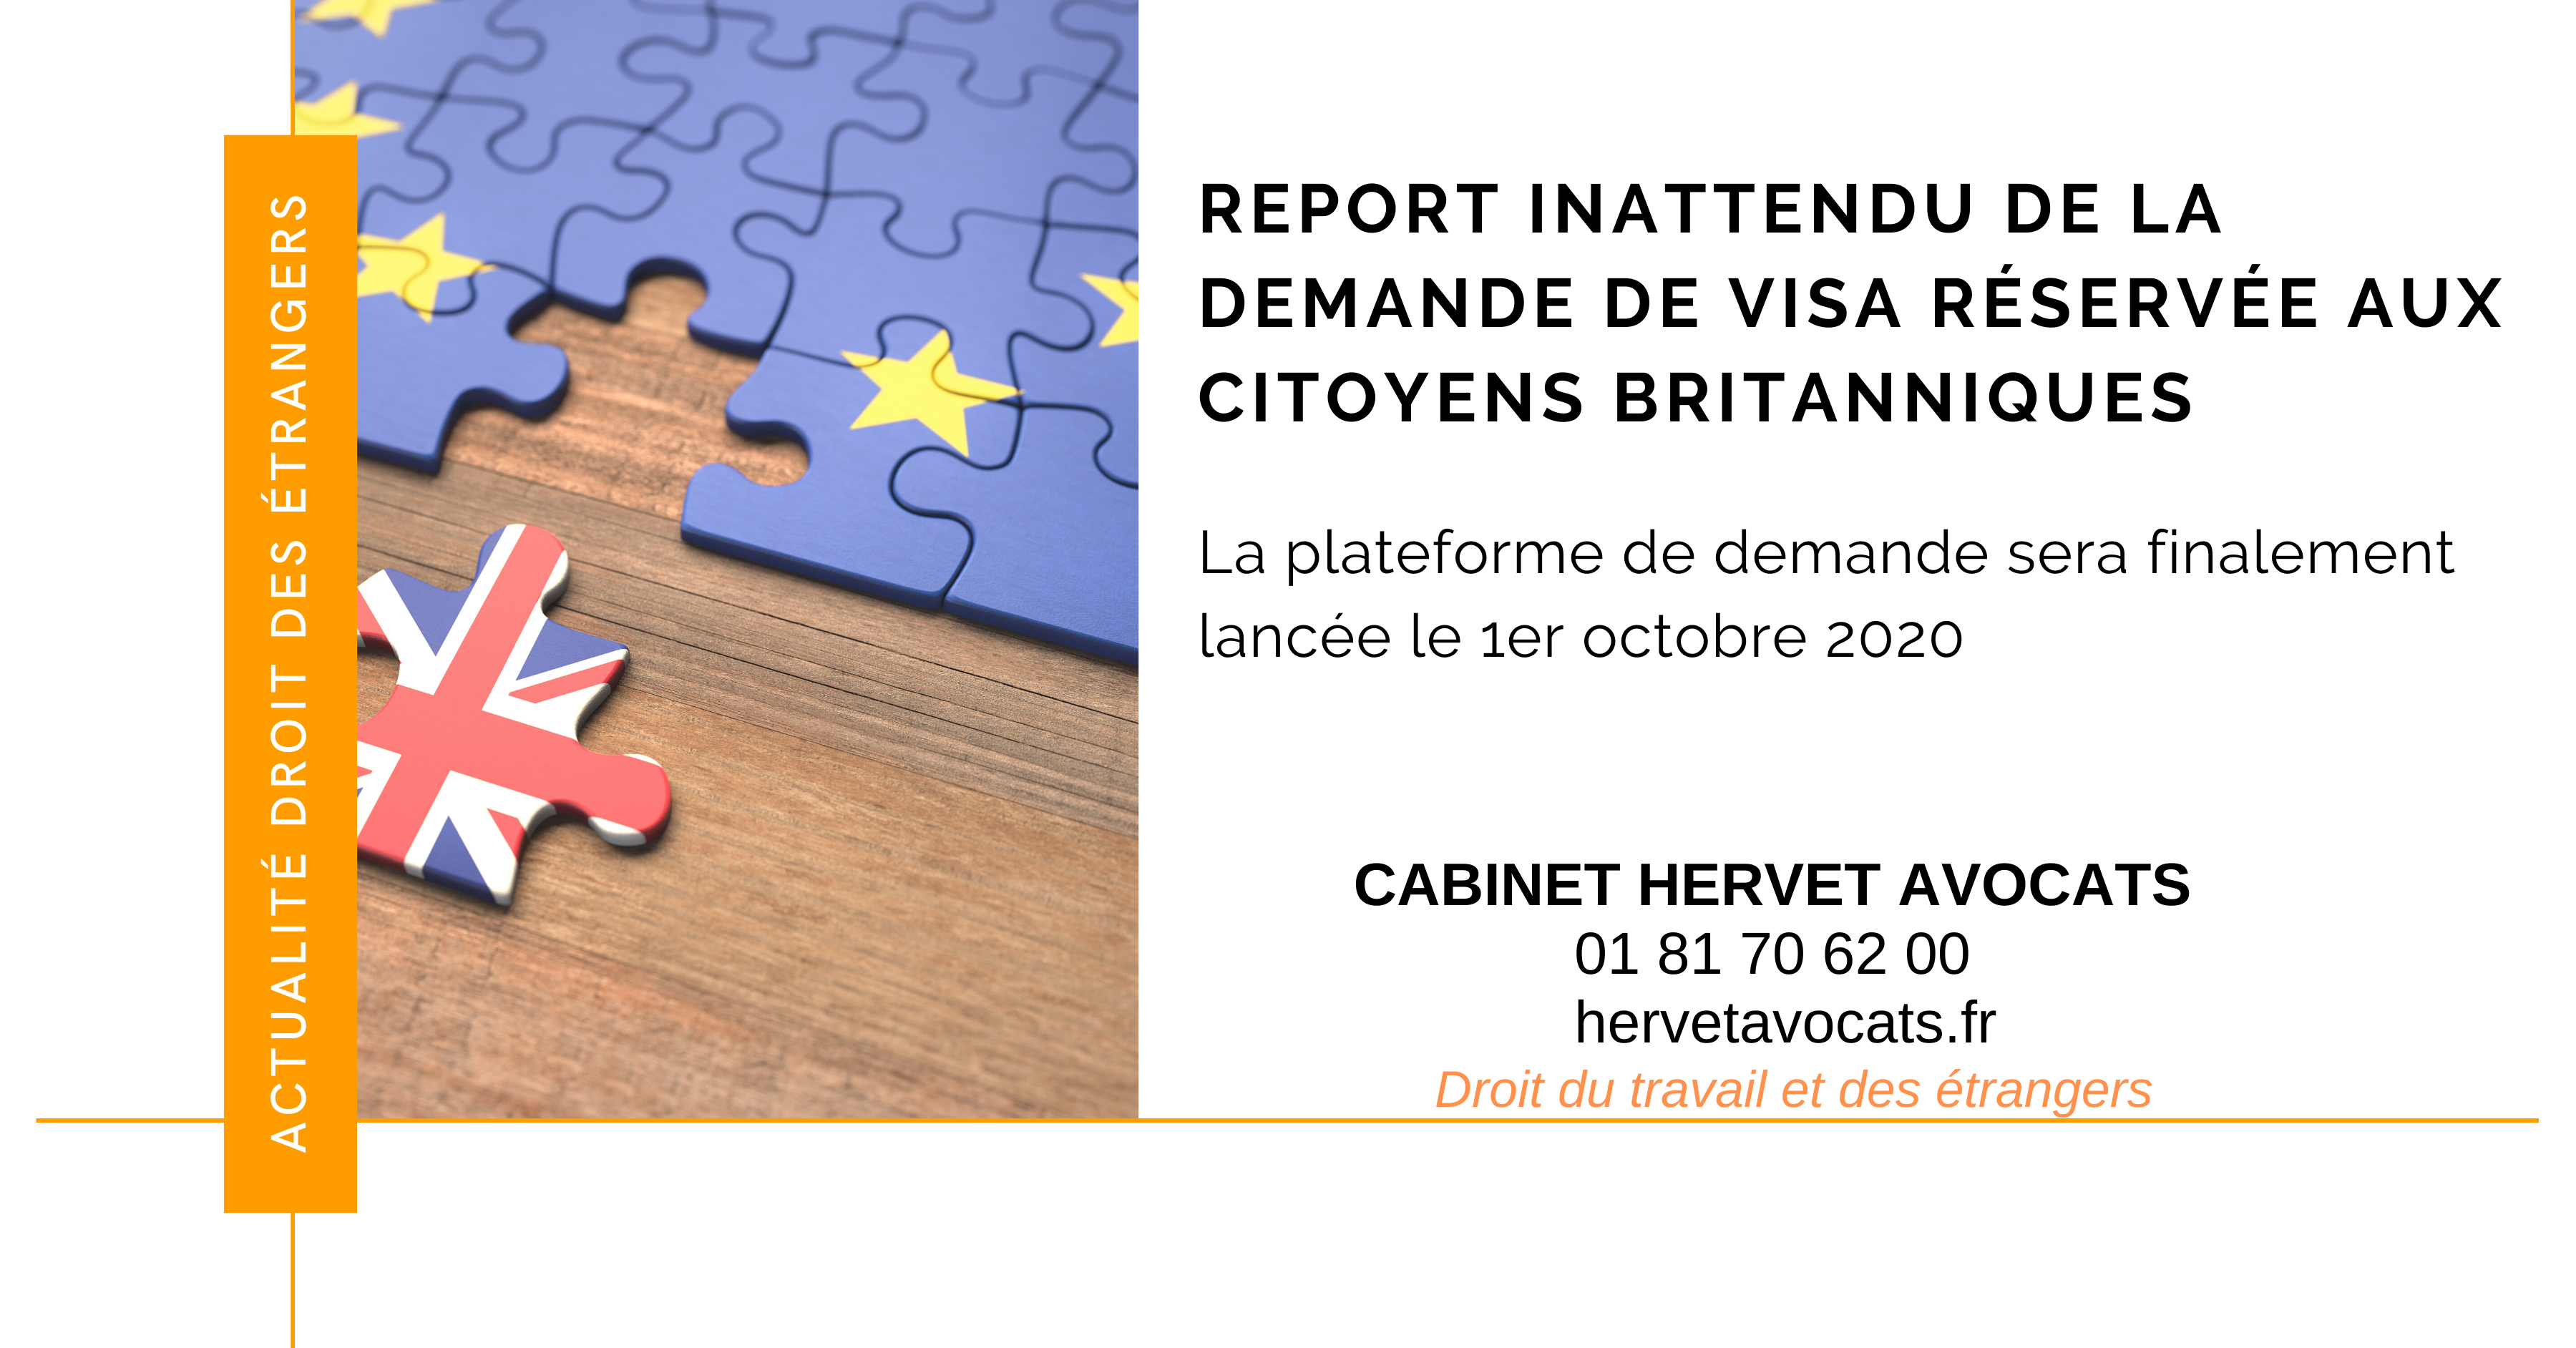 Le report inattendu de l'ouverture du site de dépôt des demandes de titres de séjour en ligne pour les ressortissants britanniques, fait perdurer l'insoutenable incertitude quant à leur droit de séjour en France, après le 31 décem